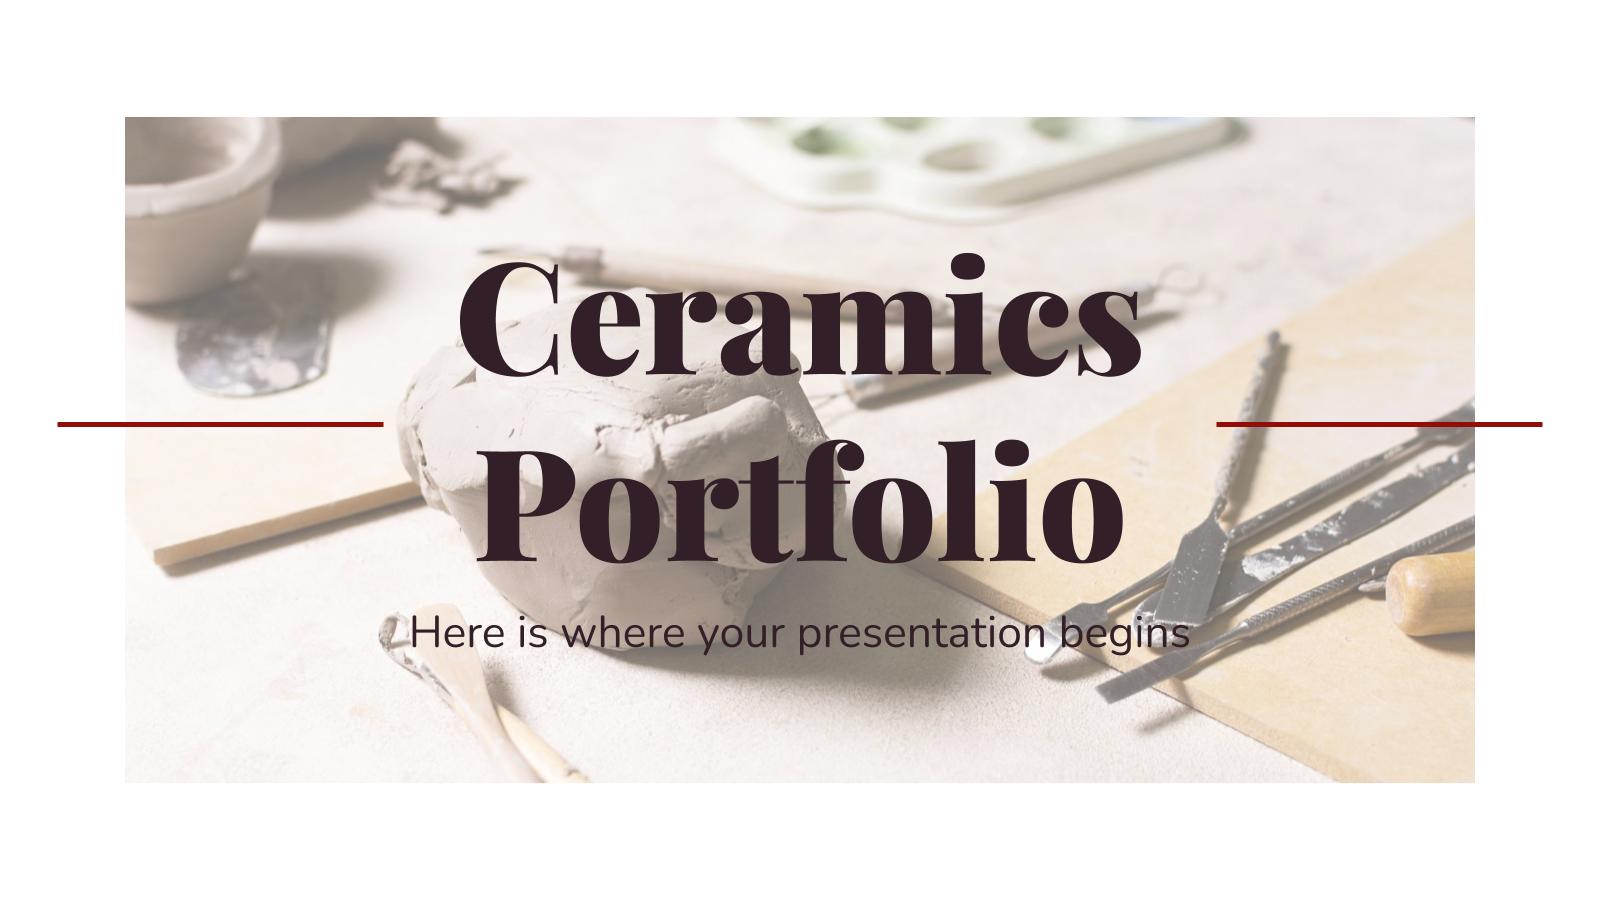 Modelo de apresentação Portfólio de cerâmica